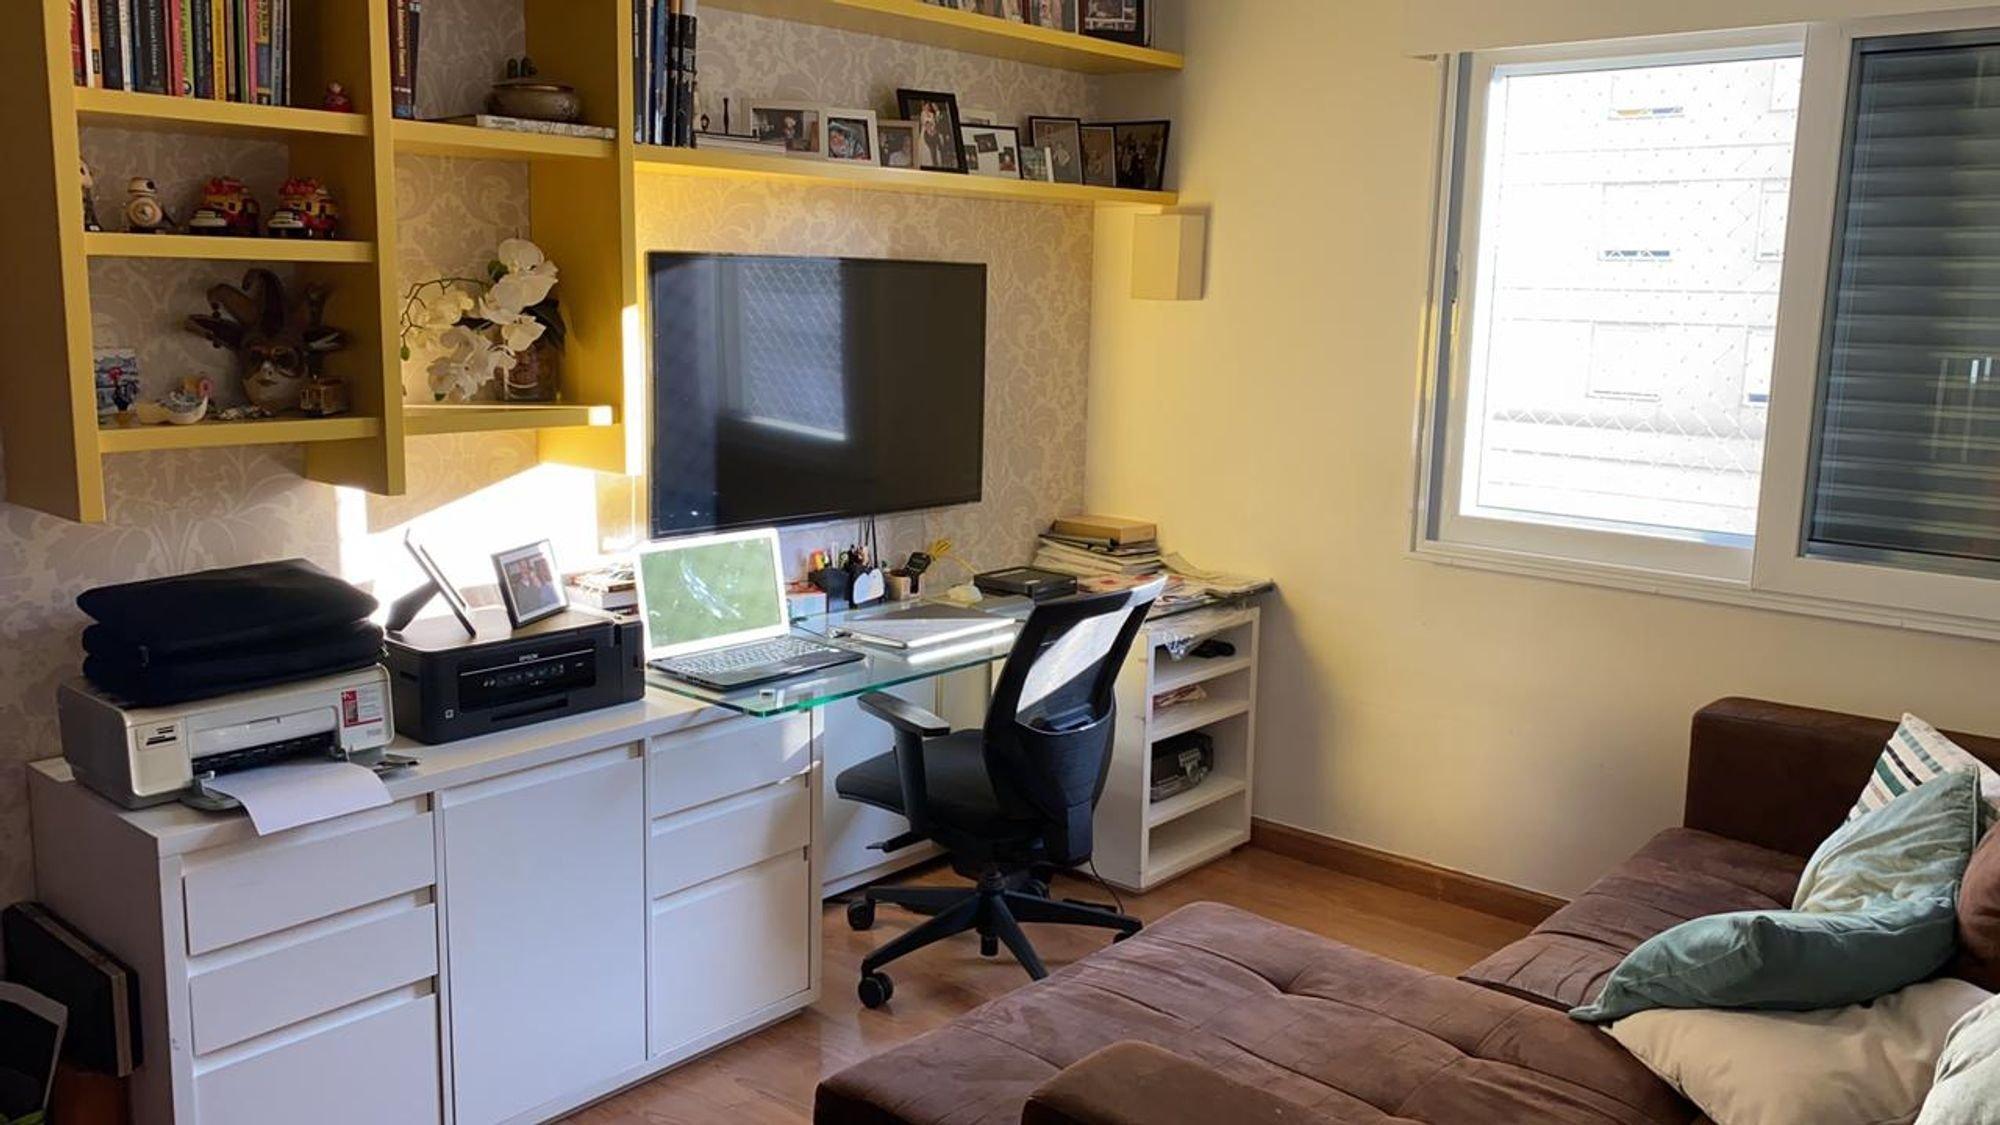 Foto de Sala com teclado, sofá, televisão, computador portátil, cadeira, livro